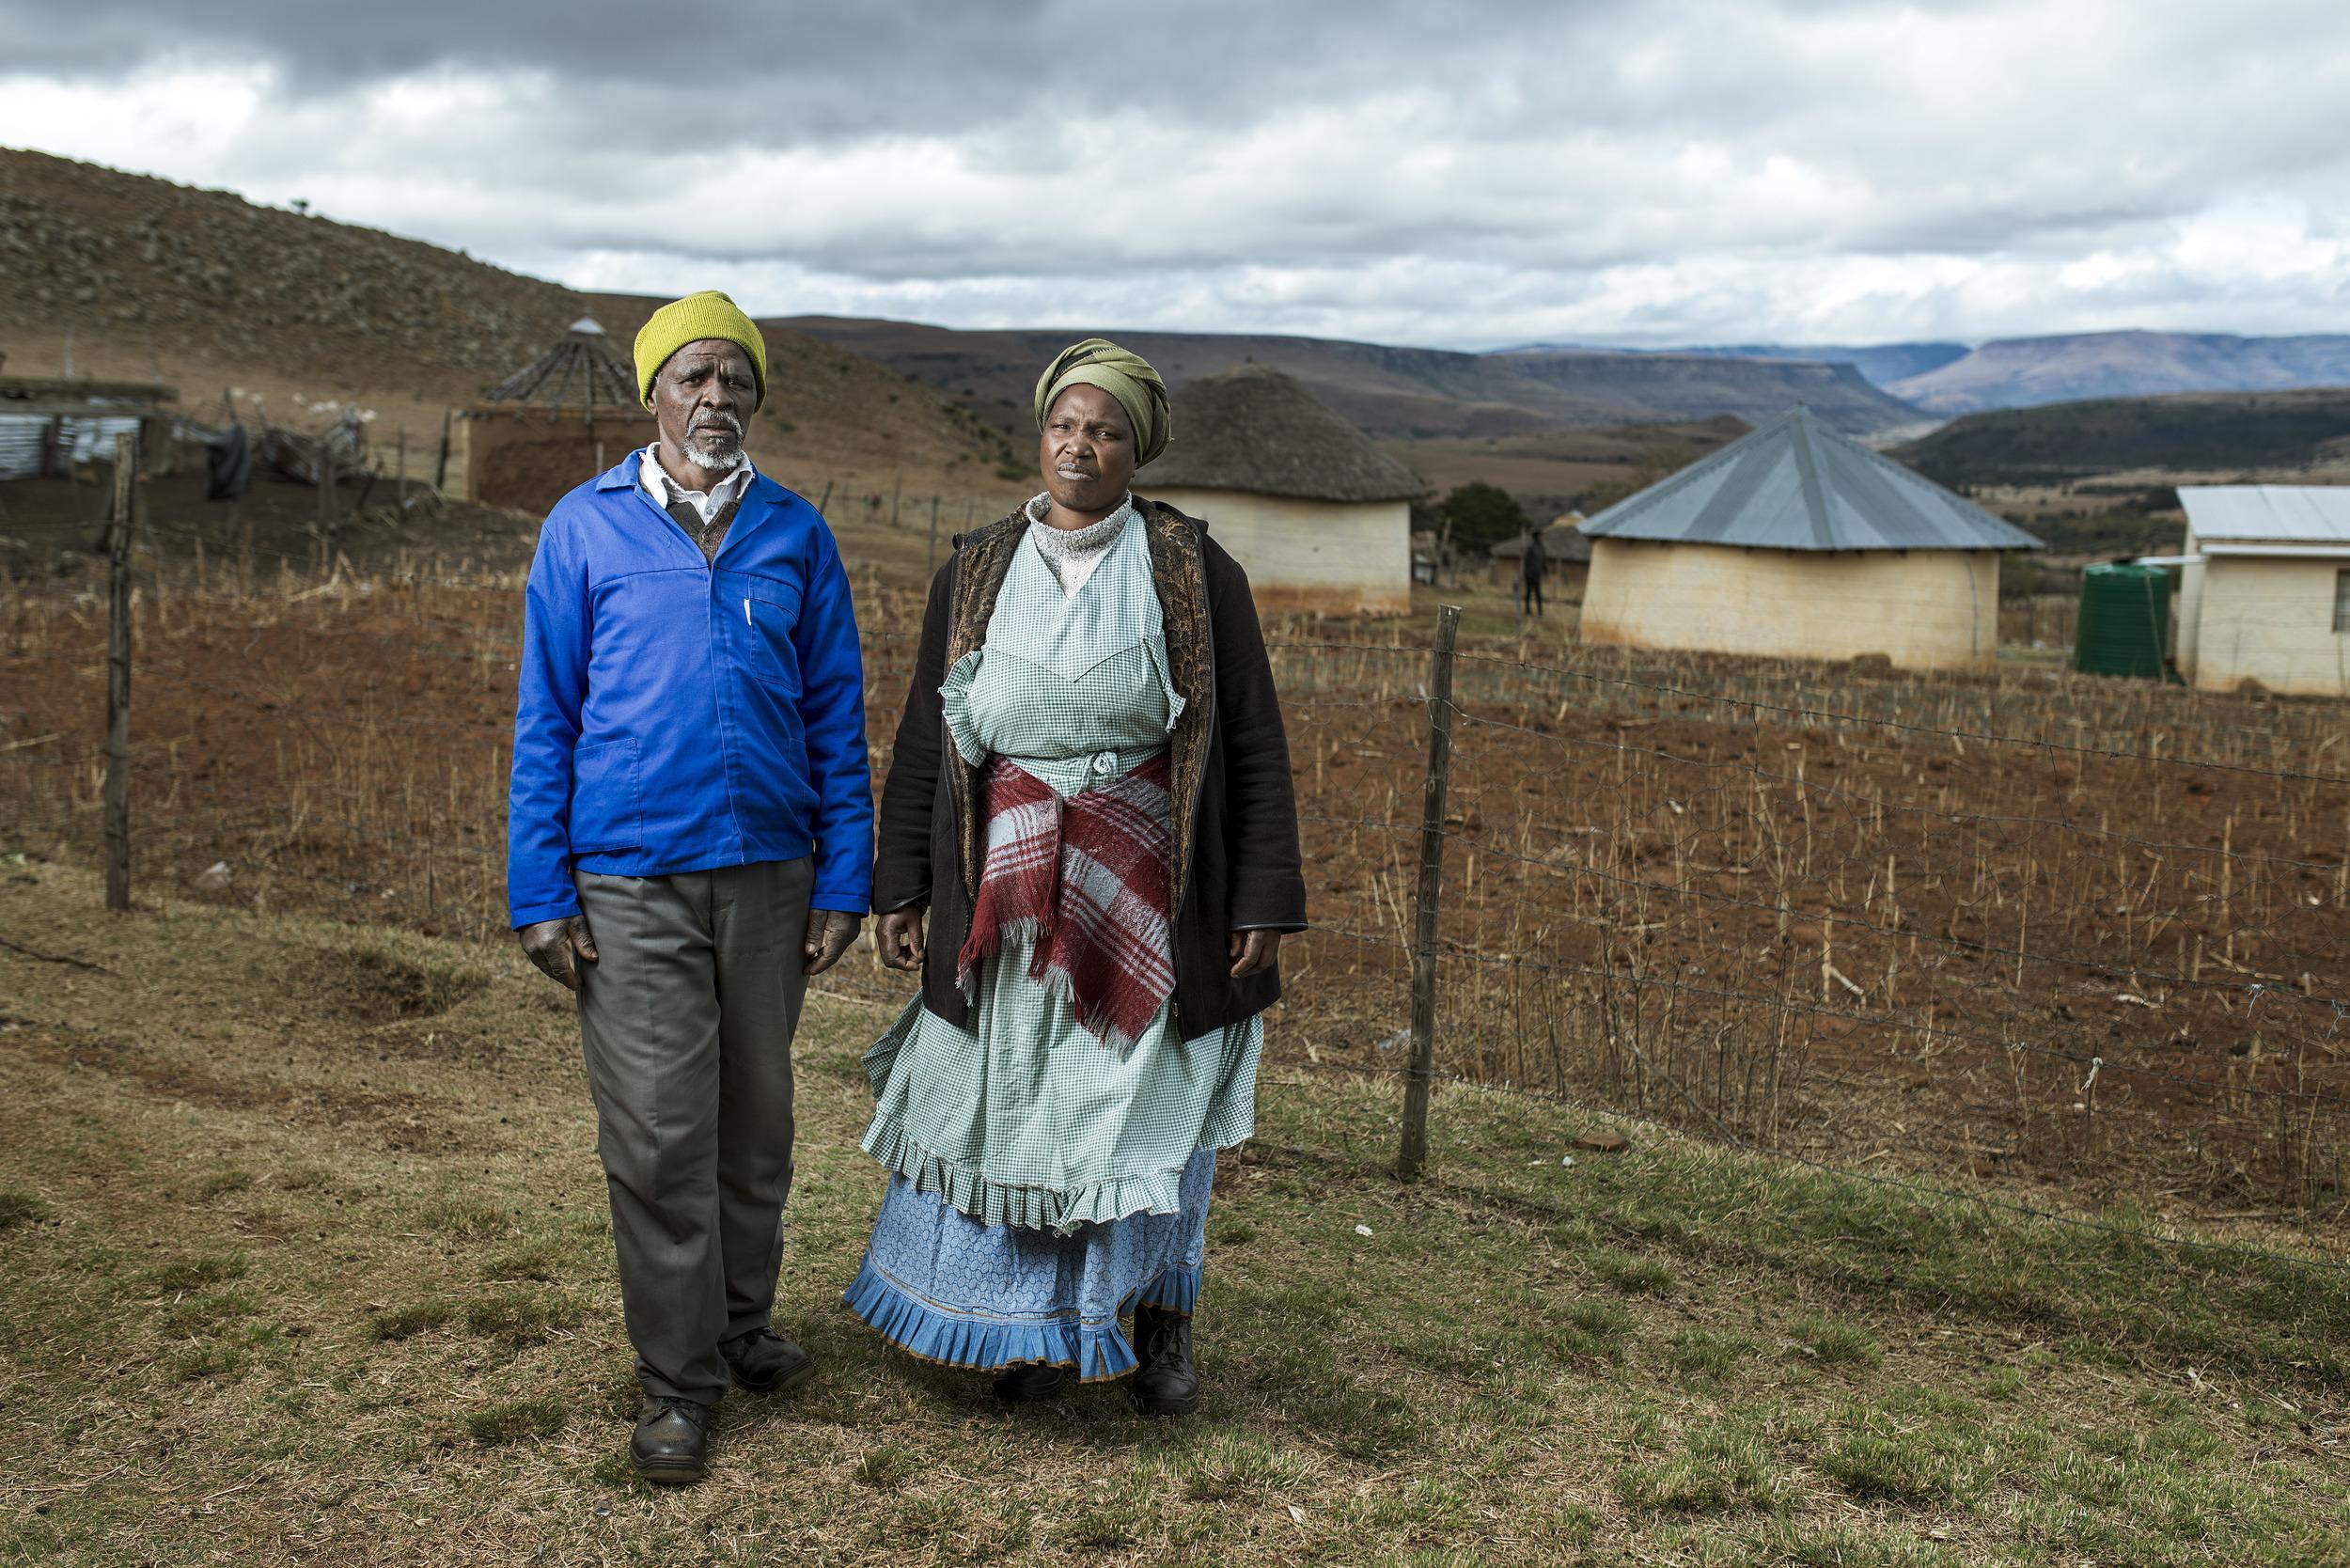 Buzile &Nowongile Nyakaza in their garden.